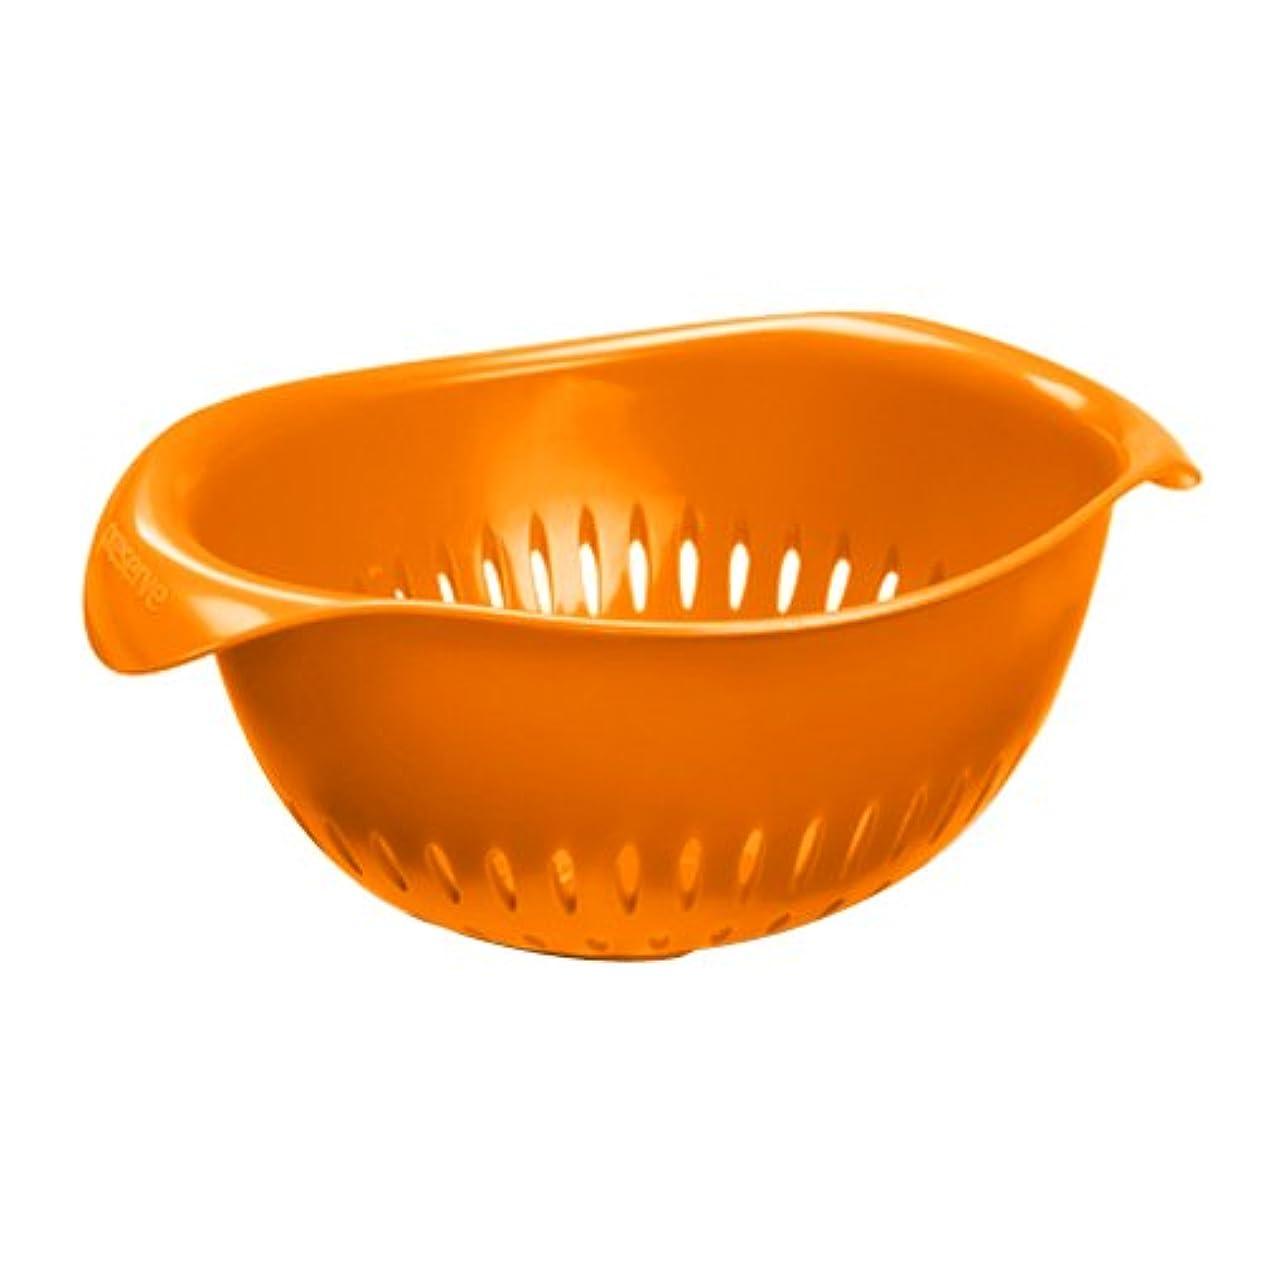 ラリーベルモントコジオスコ取得するPreserve Small Colander - Orange - 1.5 qt